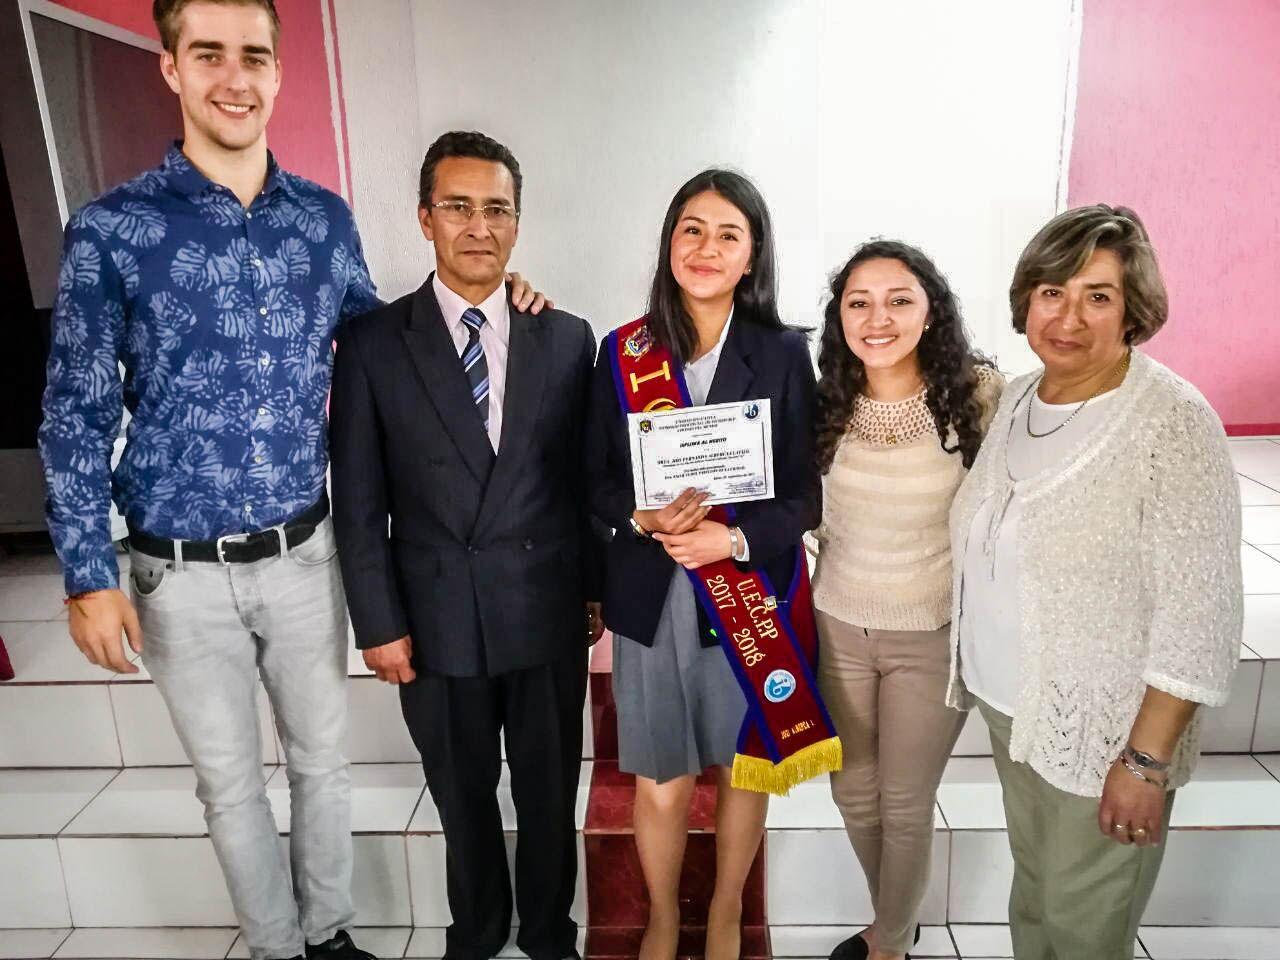 De lado izquierdo a derecho: voluntario Olle, padre Emilio, hija Fernanda, hija Jenny y madre Esperanza.